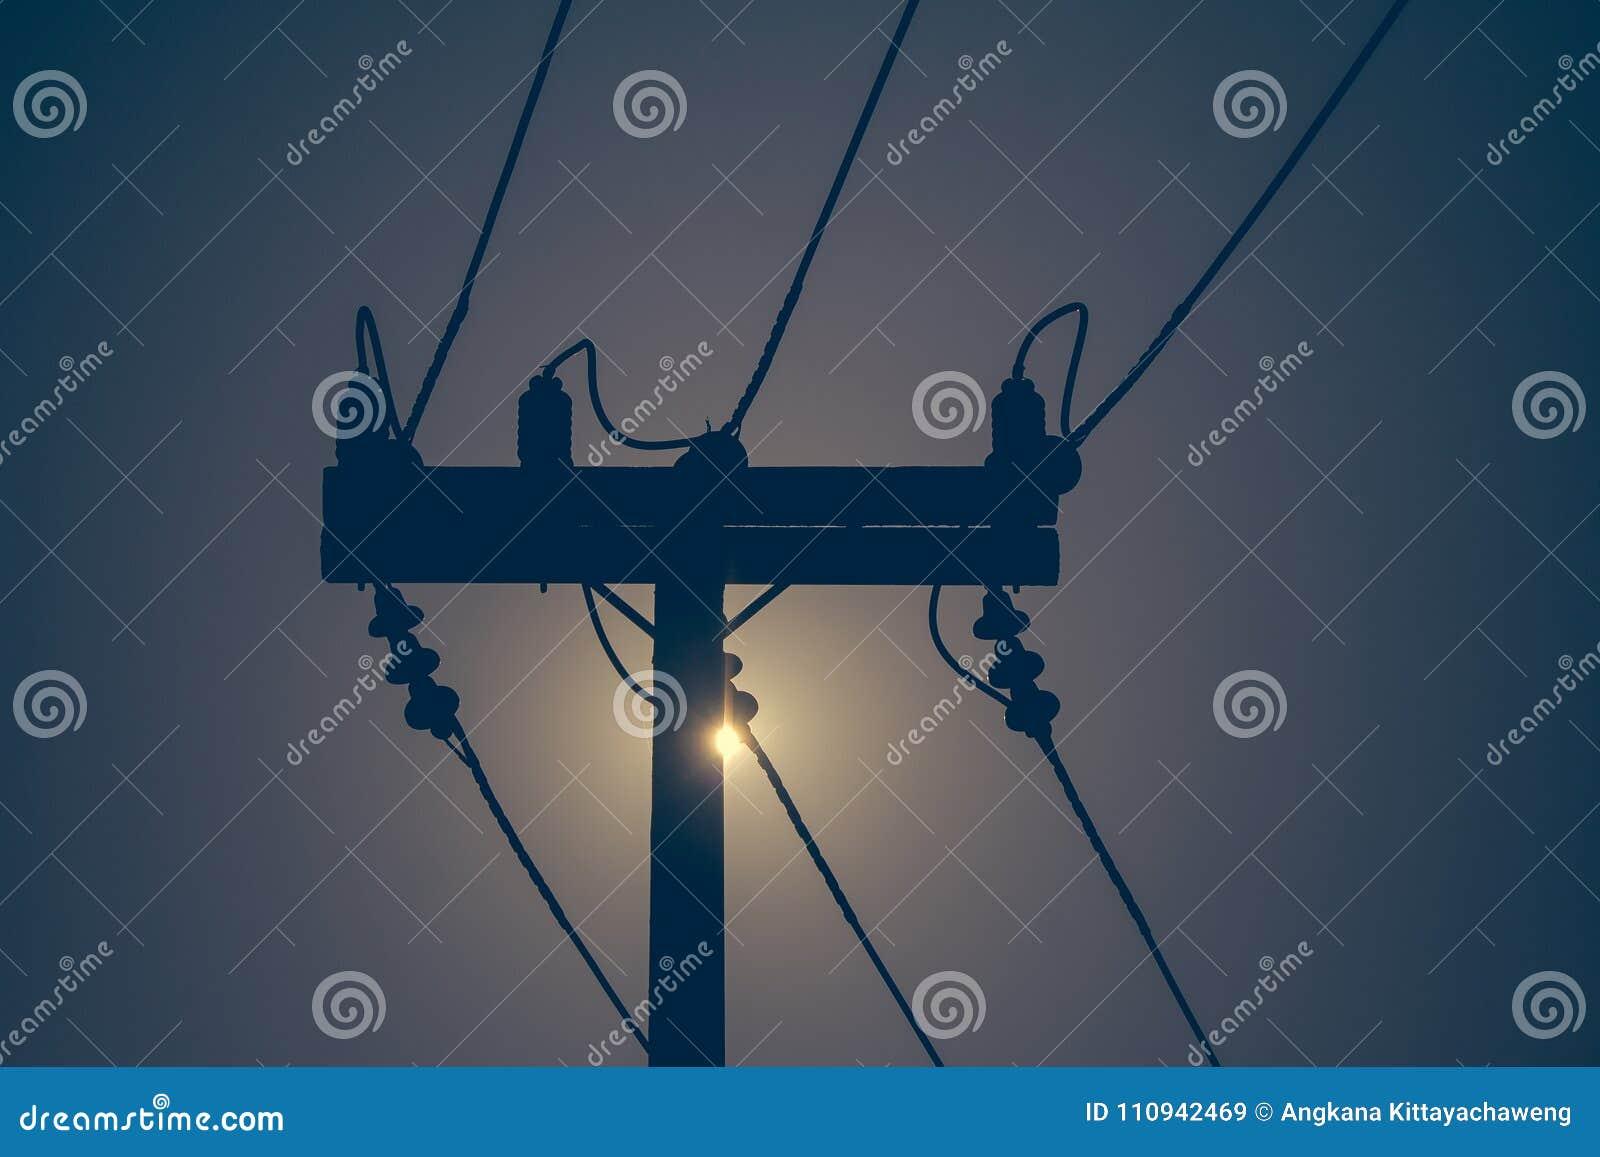 Silueta del polo de la electricidad y de la línea eléctrica del alto voltaje con puesta del sol en el fondo